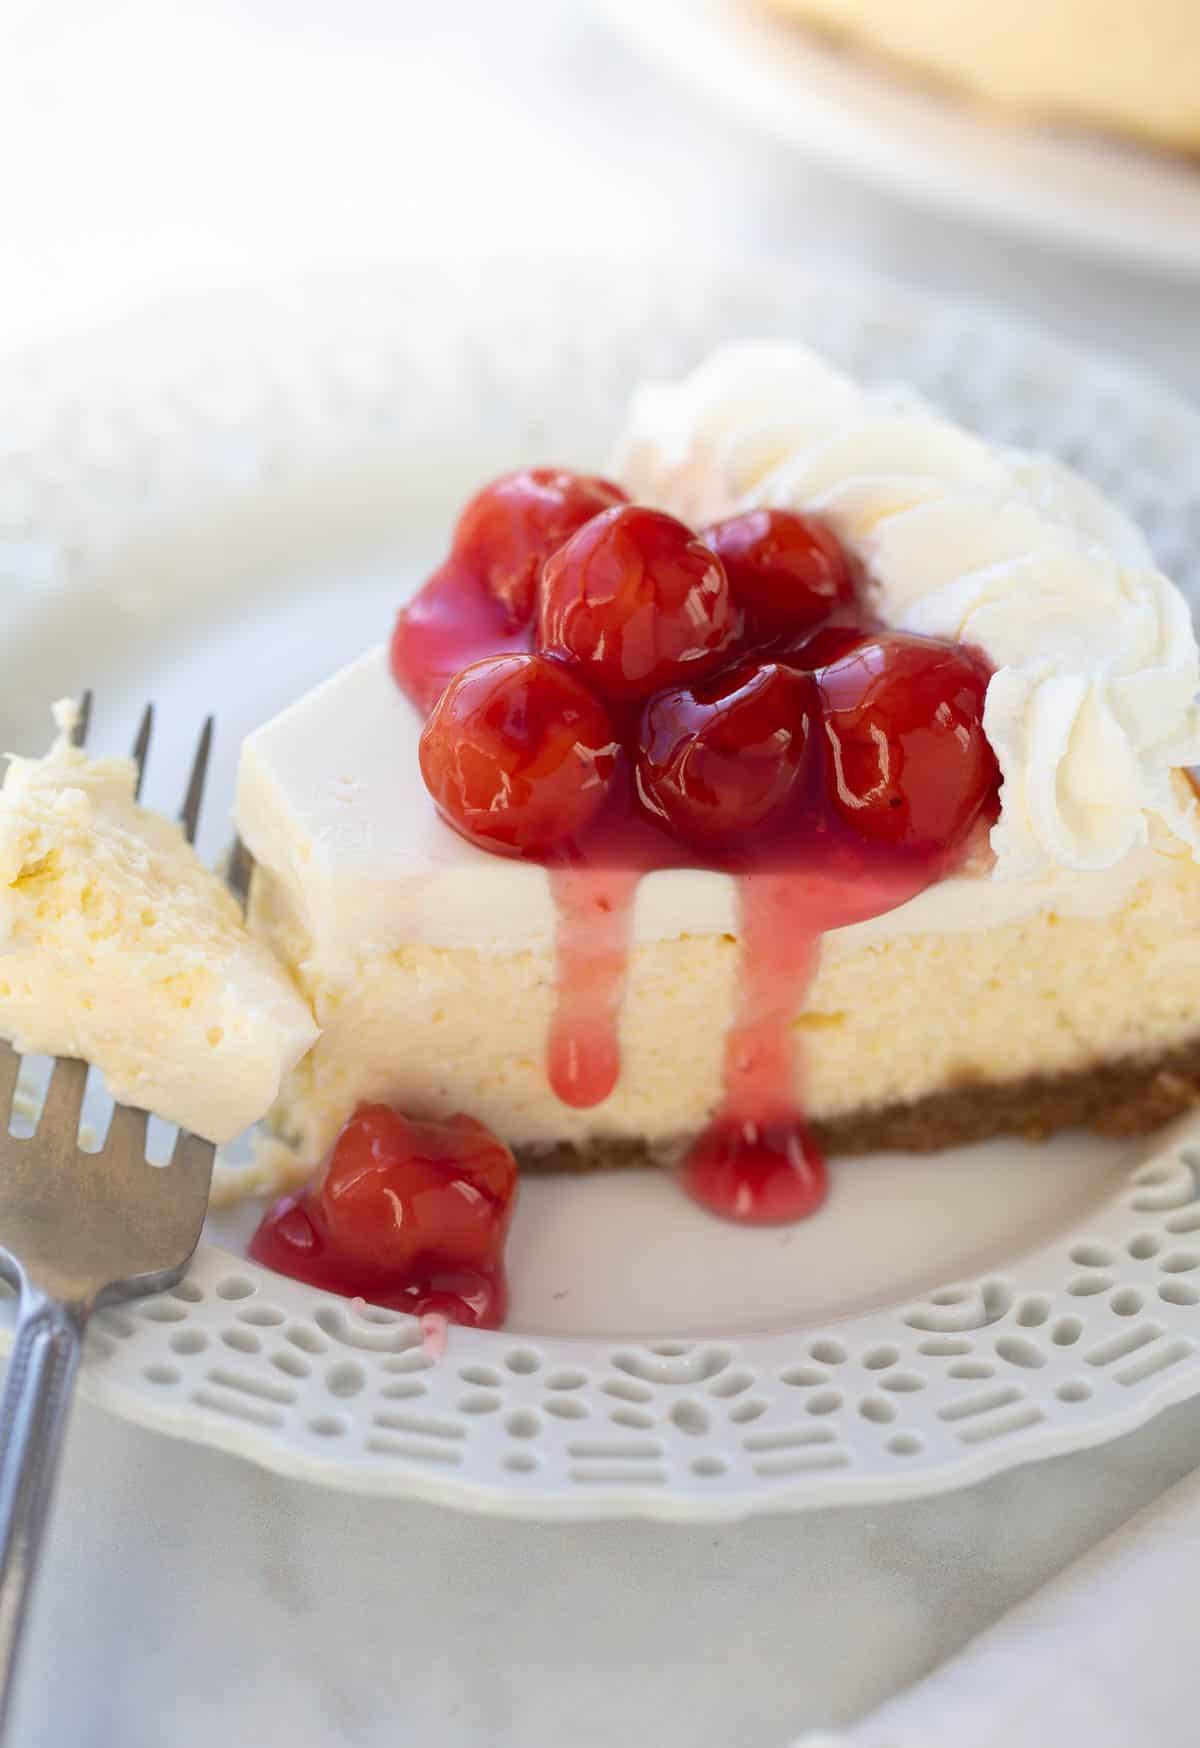 photo de gâteau au fromage sur assiette blanche garnie de cerises